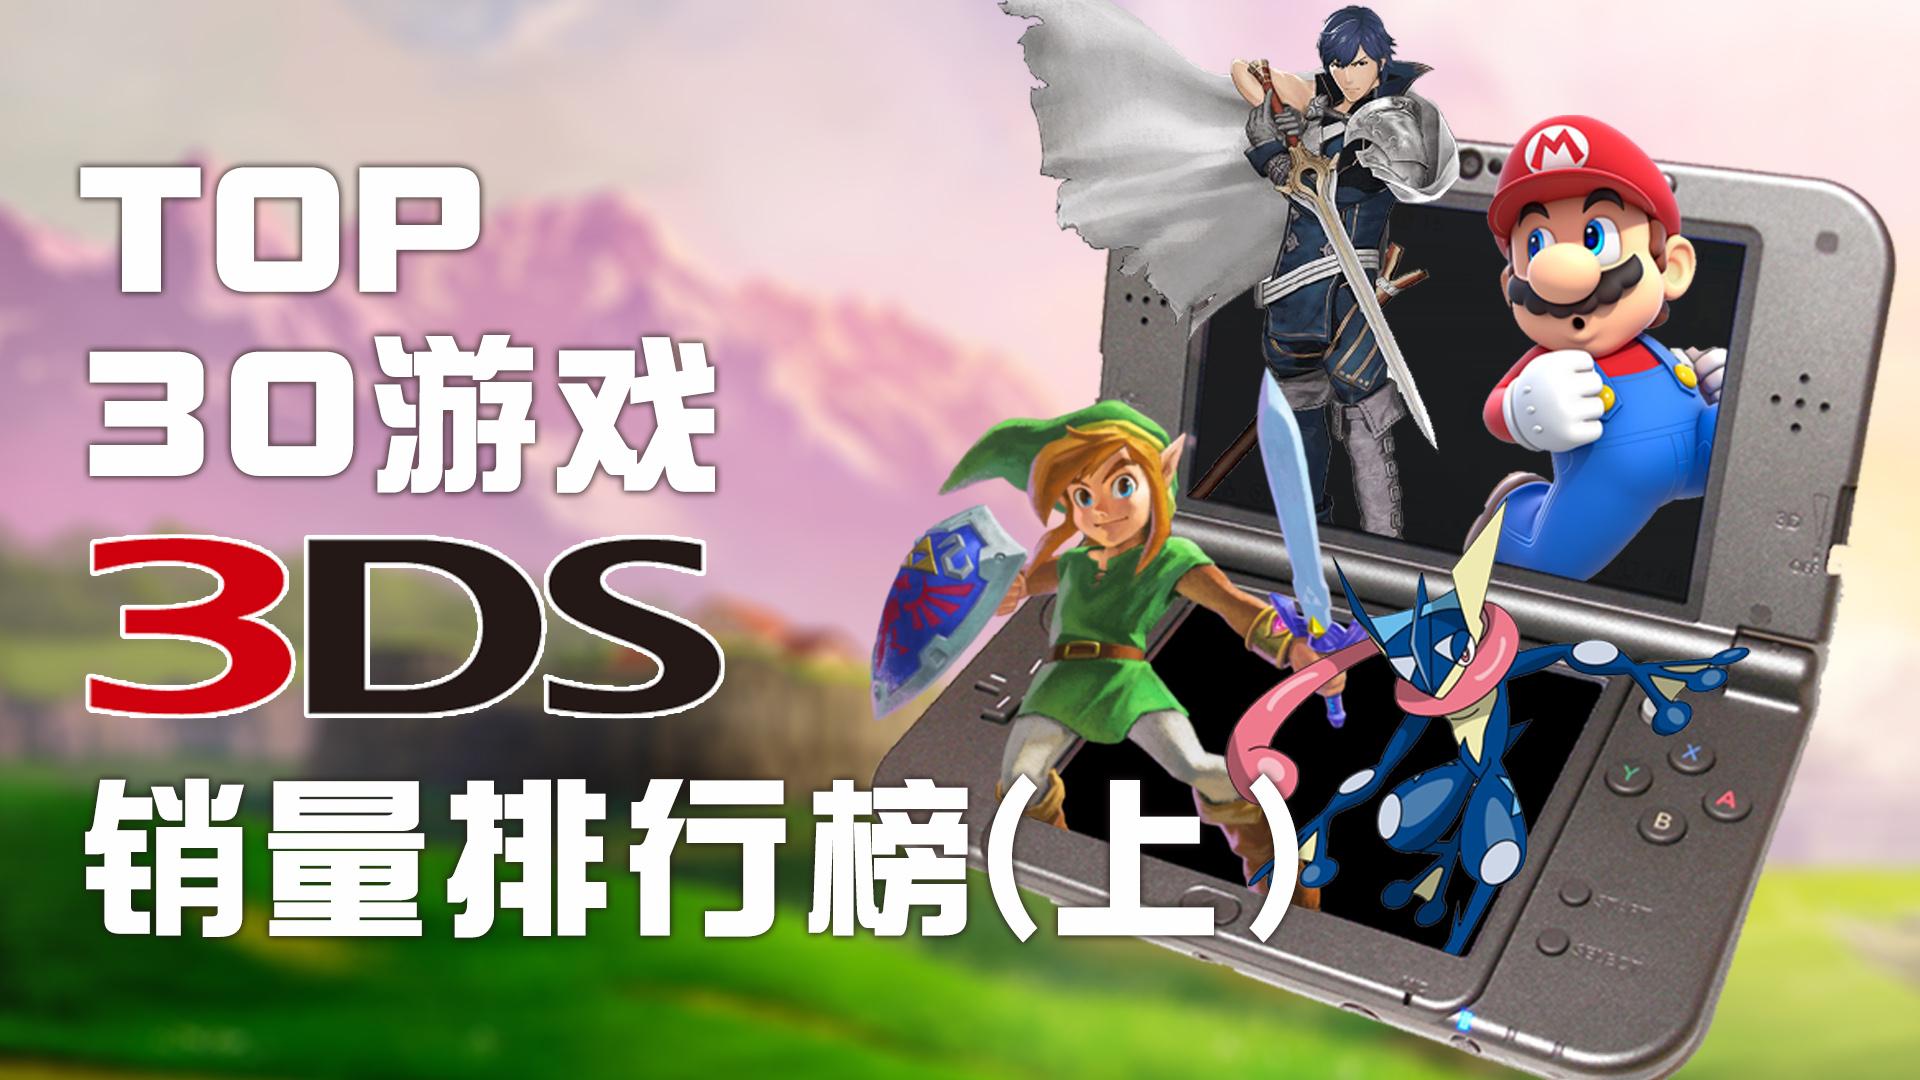 光荣落幕!盘点3DS游戏销量Top30,这里有你的回忆吗?(上)